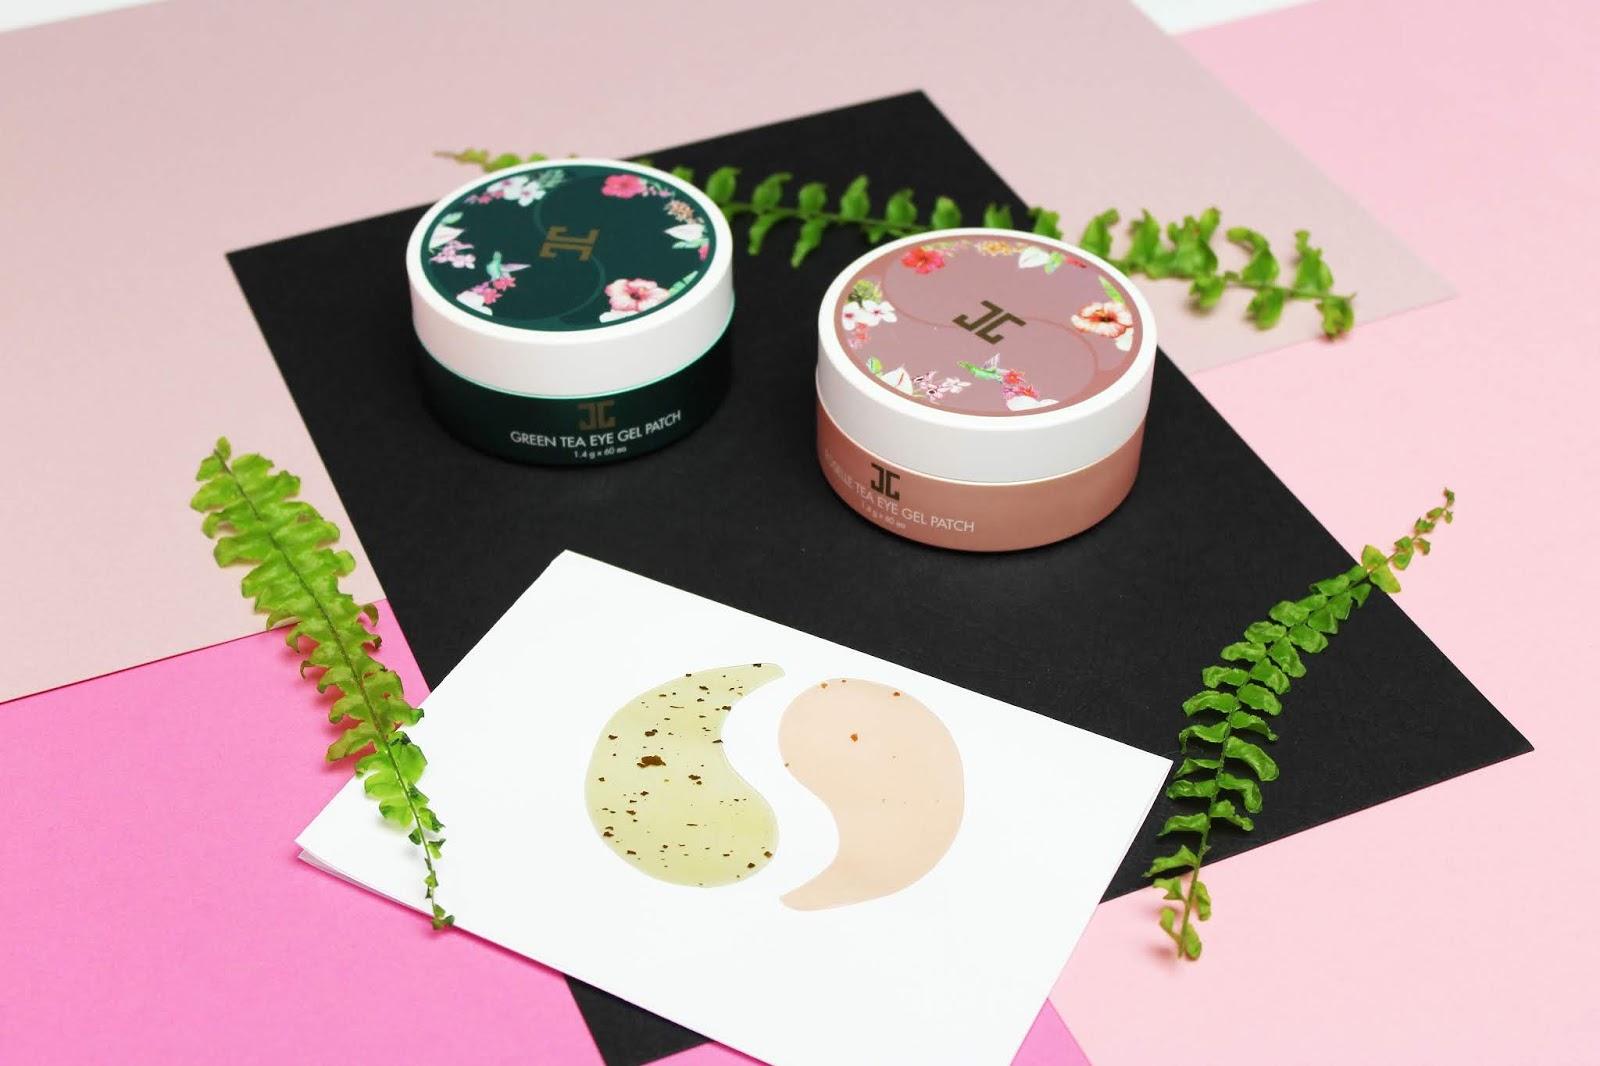 JAYJUN, Roselle and Green Tea Eye Gel Patches - Hydrożelowa płatki pod oczy z zawartością zielonej herbaty oraz wyciągu z kwiatu hibiskusa